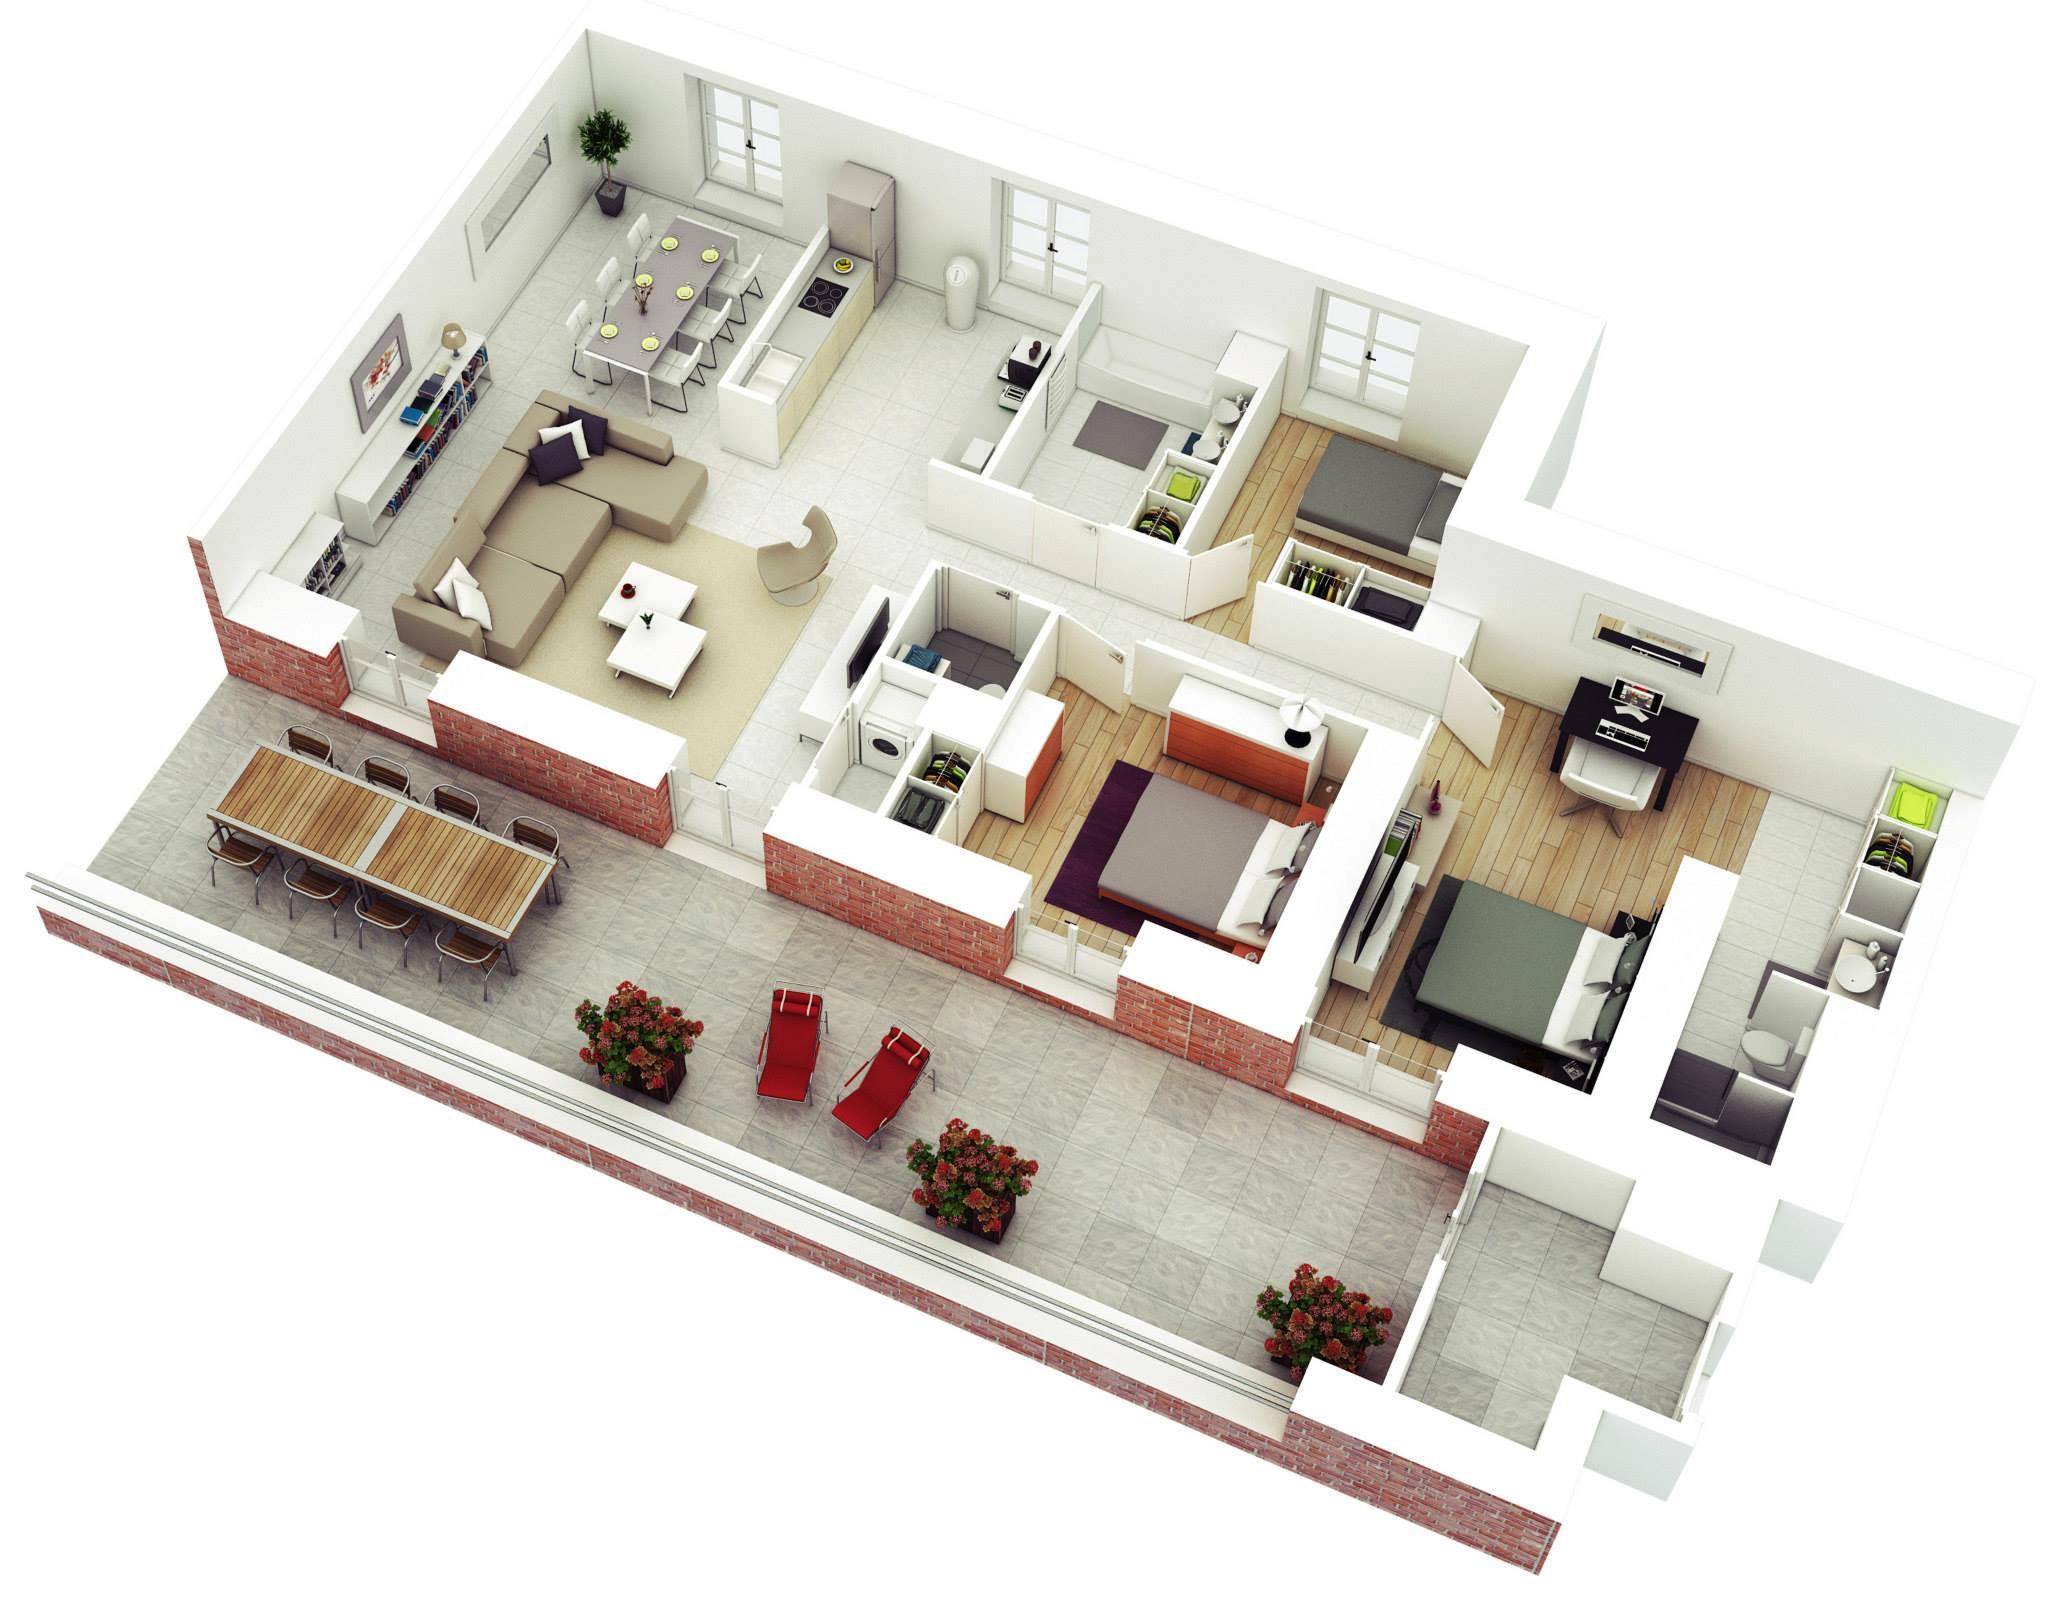 Thiết kế nội thất chung cư hiện đại 3 phòng ngủ - mẫu 1